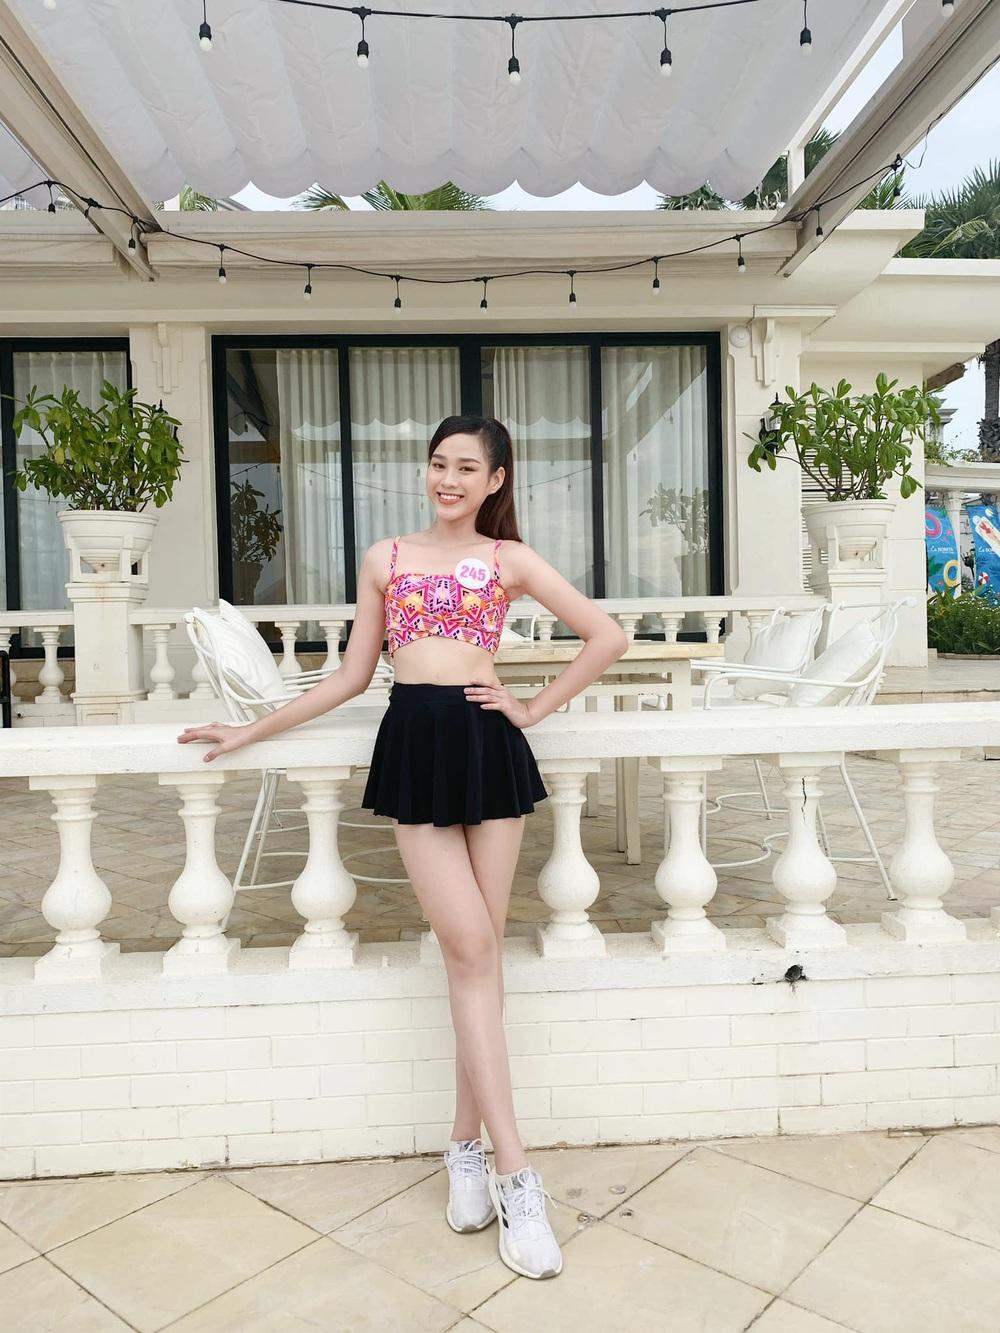 Hành trình từ nữ sinh Thanh Hóa đến tân Hoa hậu Việt Nam 2020 của Đỗ Thị Hà - Ảnh 11.